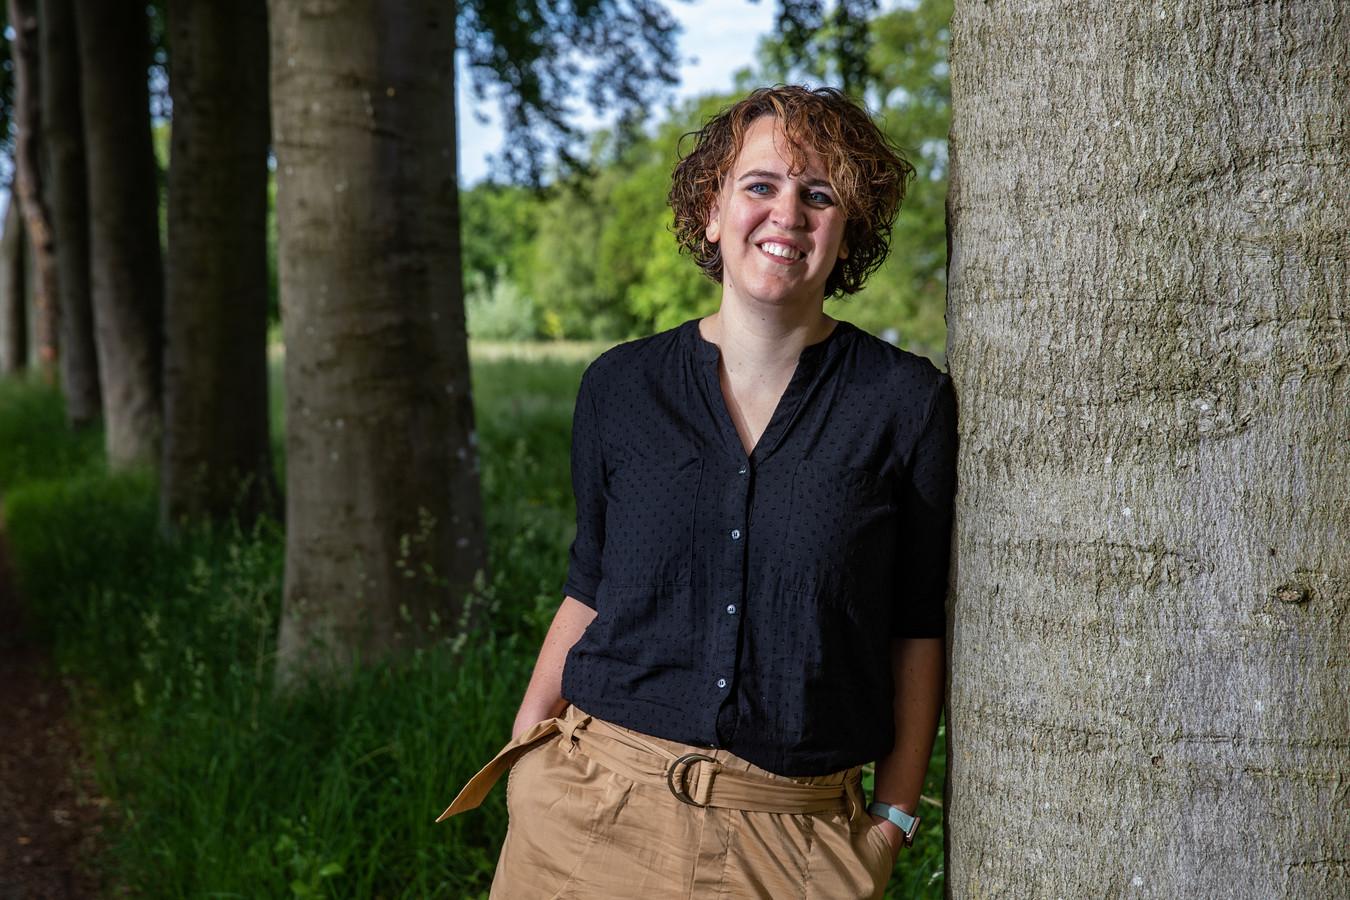 Ruth Driessen is projectleider van Twentse Transformatie, dat onder andere gaat over jeugdstrafrecht.